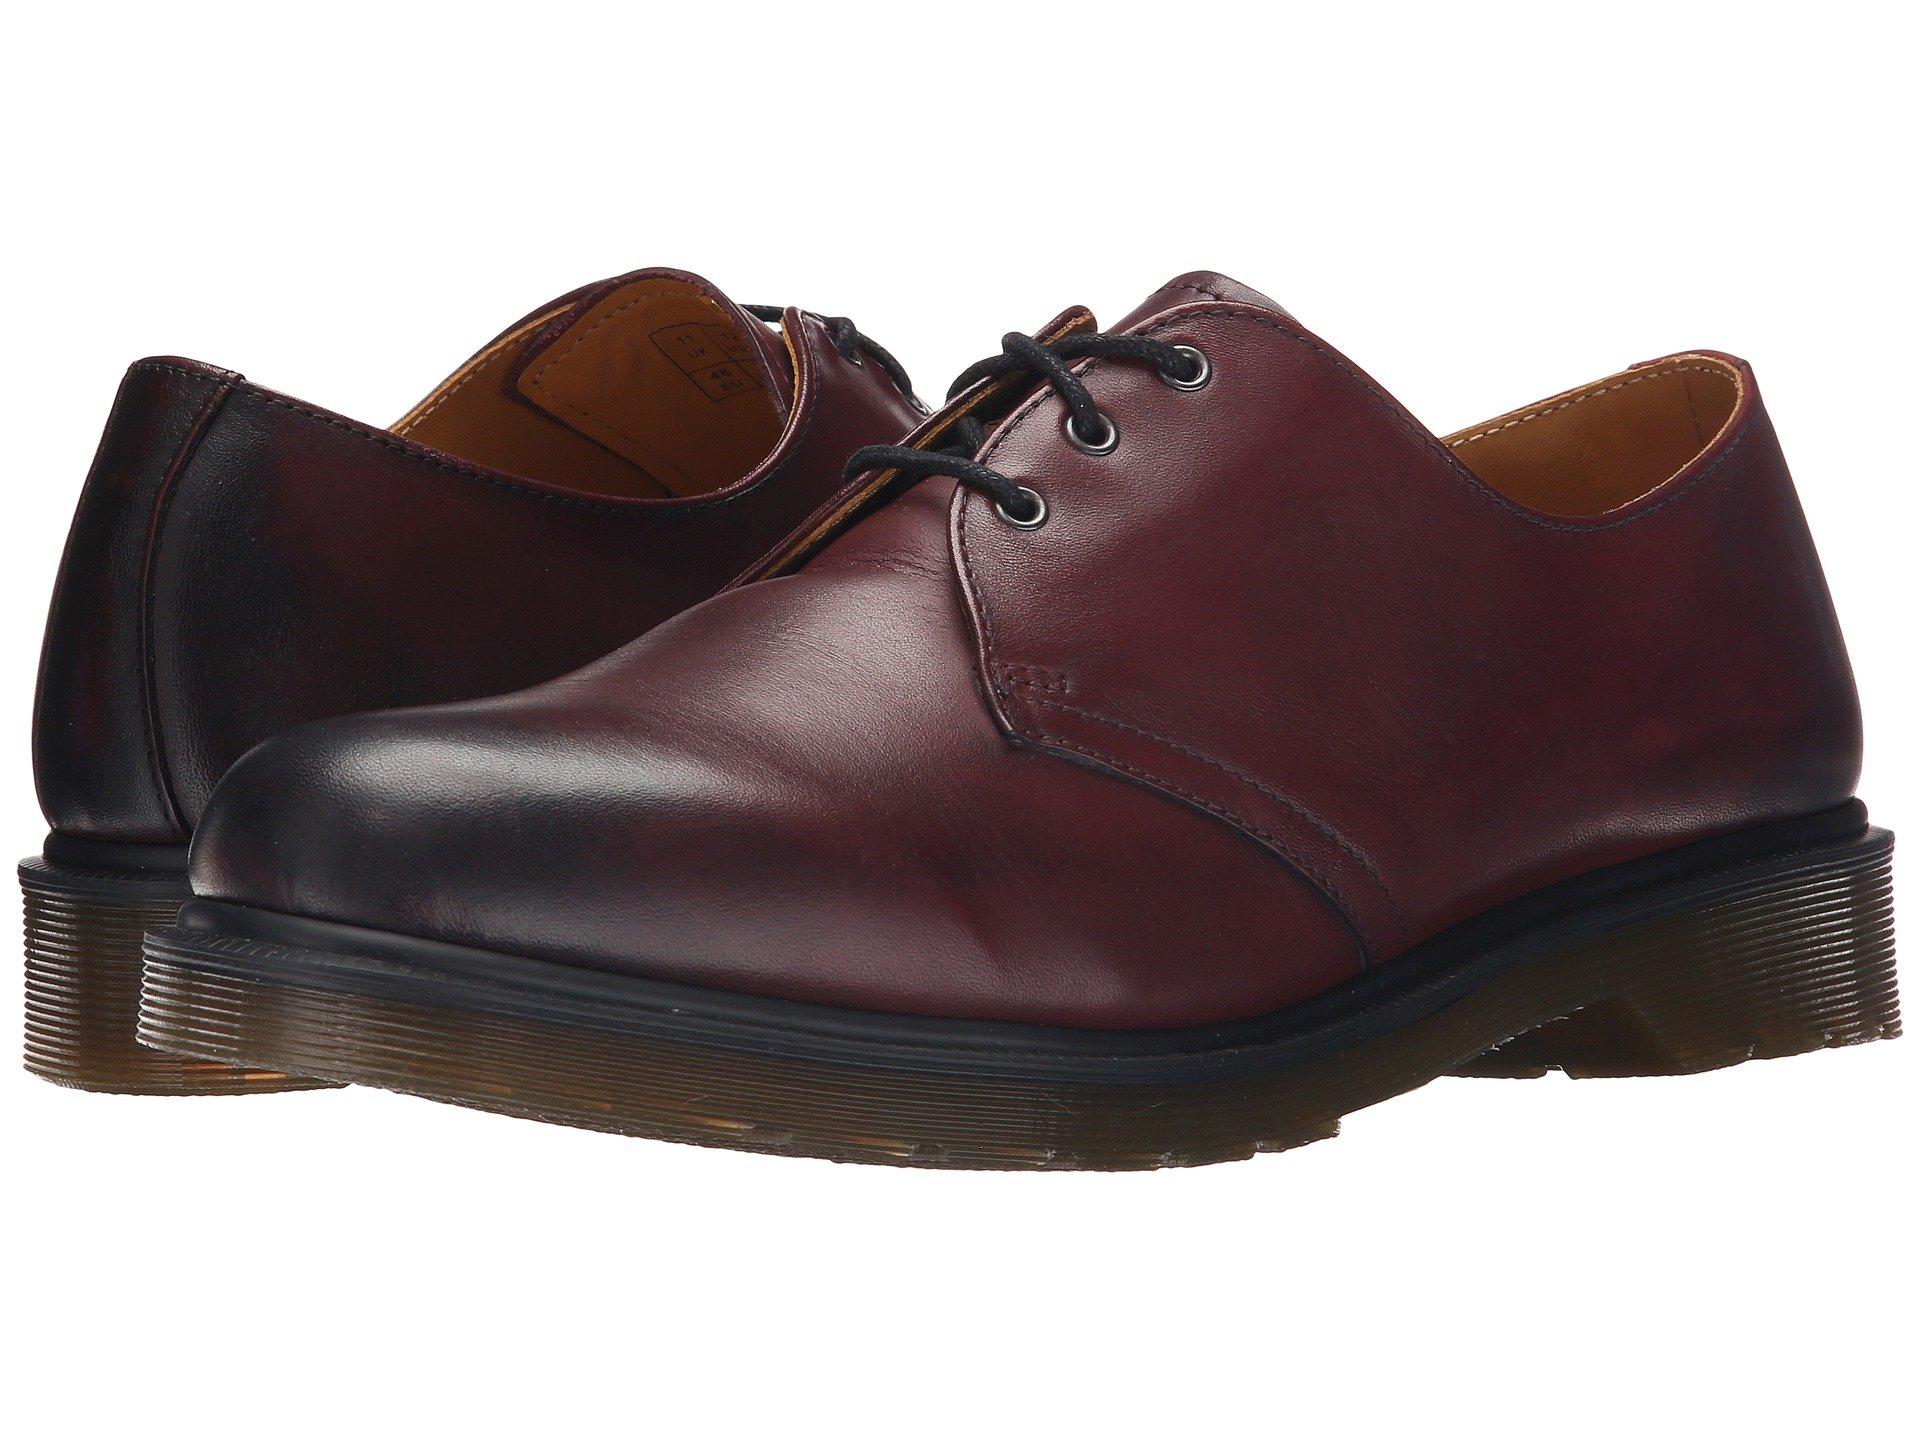 Calzado tipo Oxford para Hombre Dr. Martens 1461 3-Eye Shoe  + Dr. Martens en VeoyCompro.net